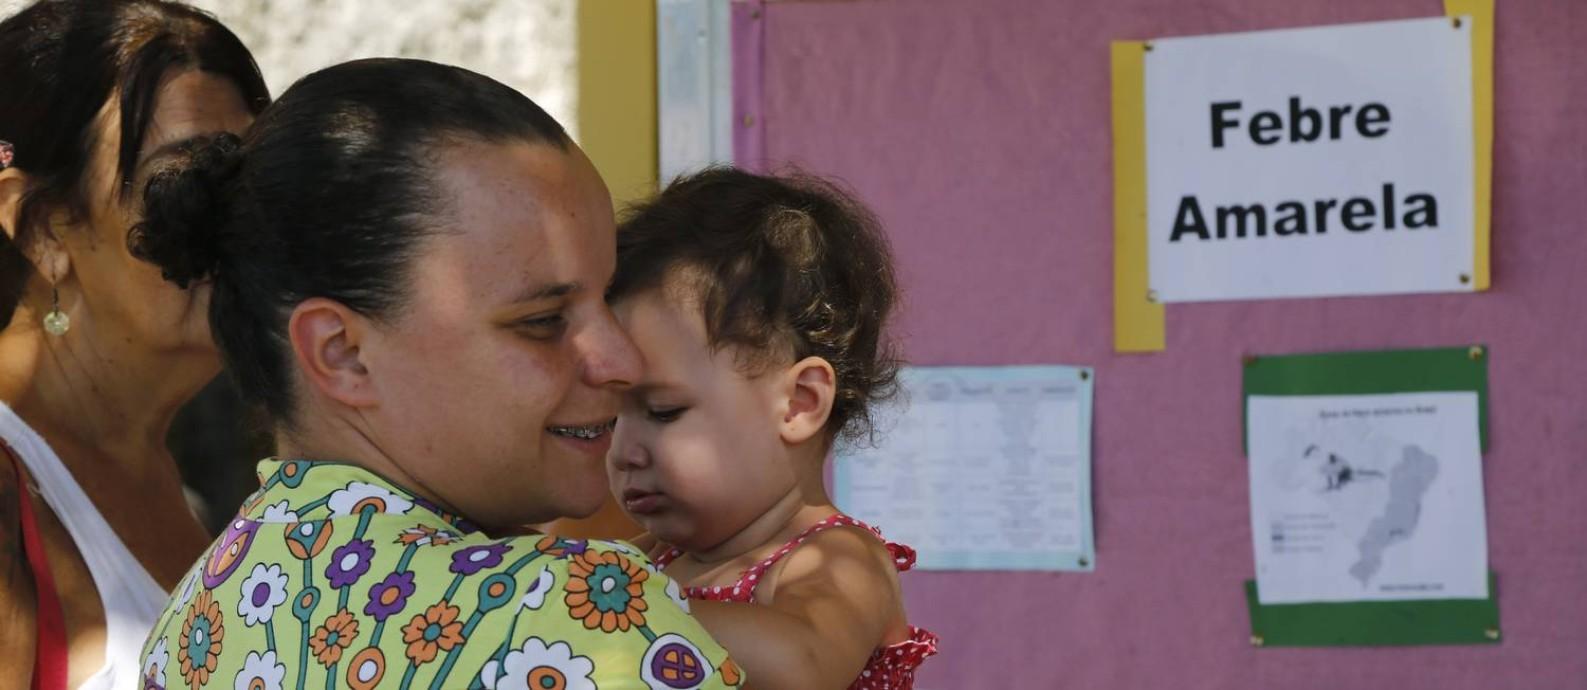 População em Casemiro de Abreu procura os postos de saúde para vacinação Foto: Antonio Scorza / Agência O Globo